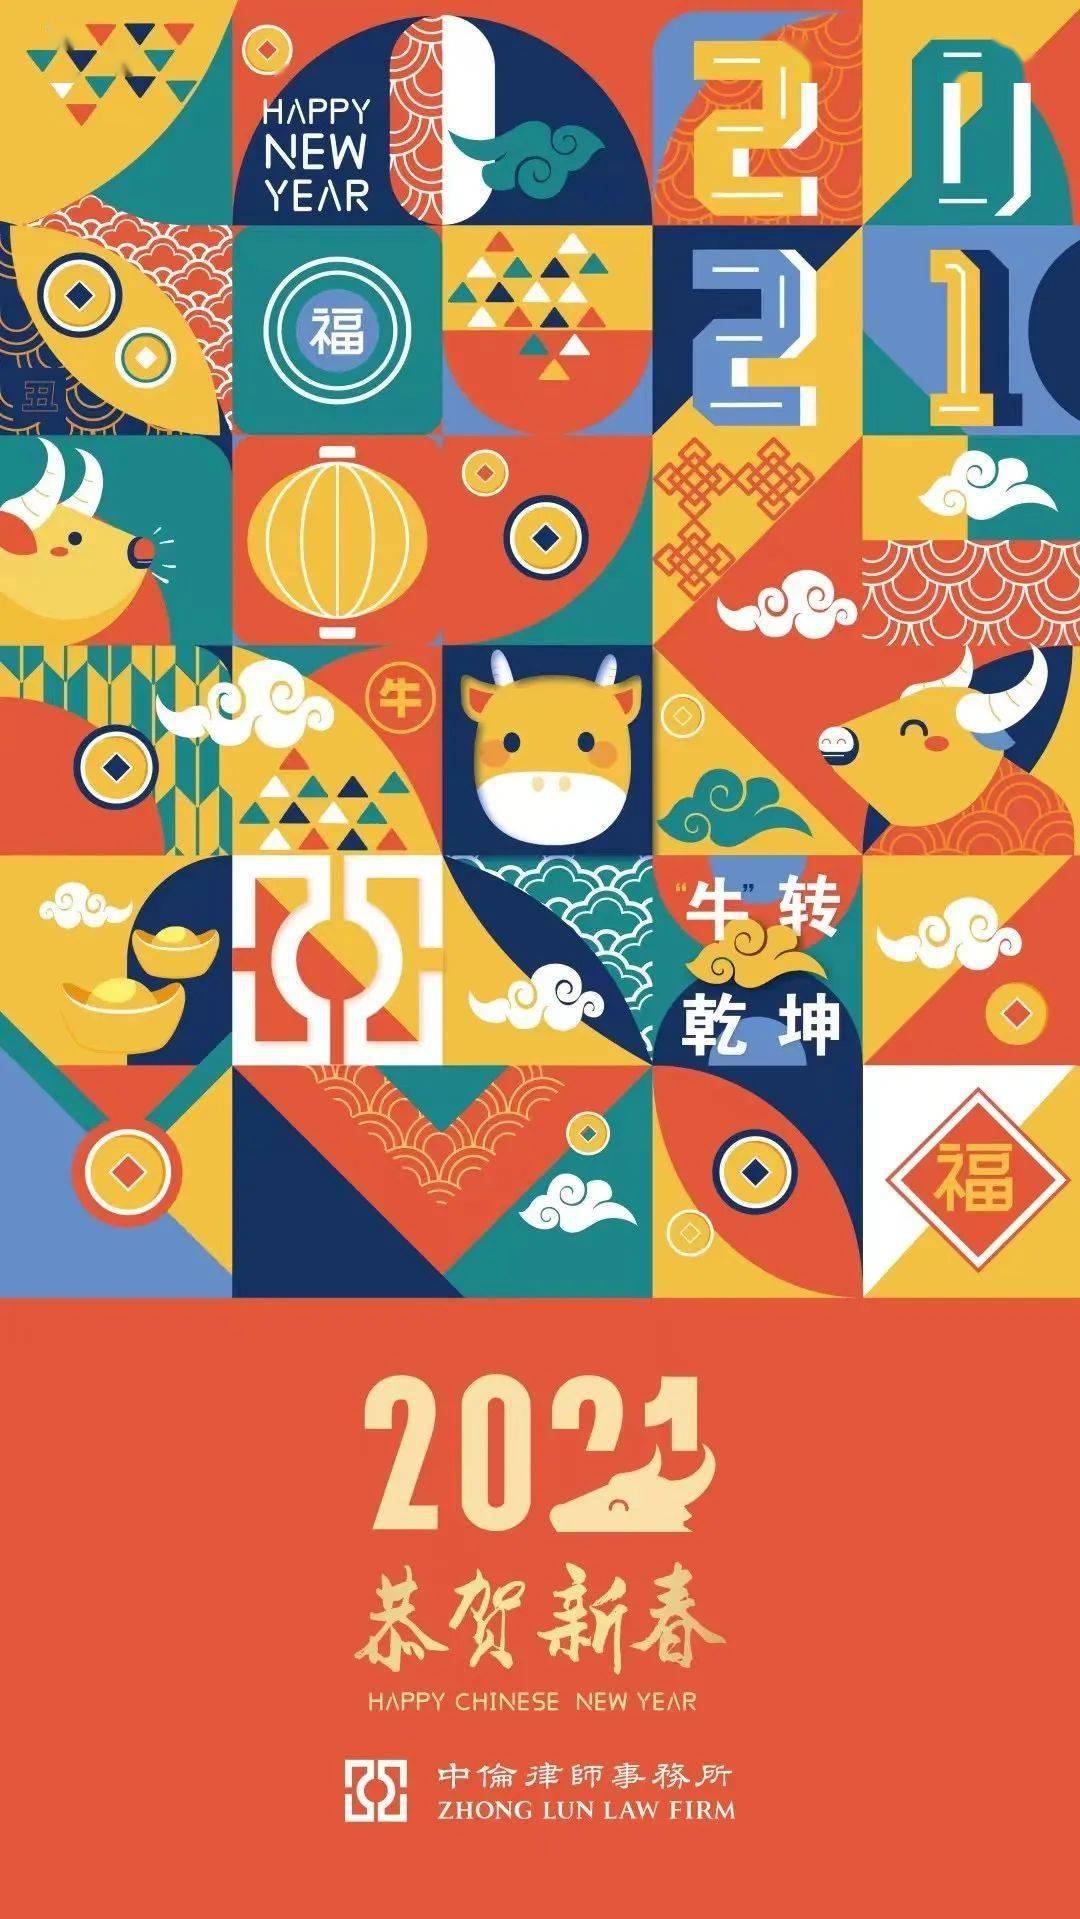 【CLECSS 2457】各律所的牛年贺卡设计 (附投票) 爸爸 第7张